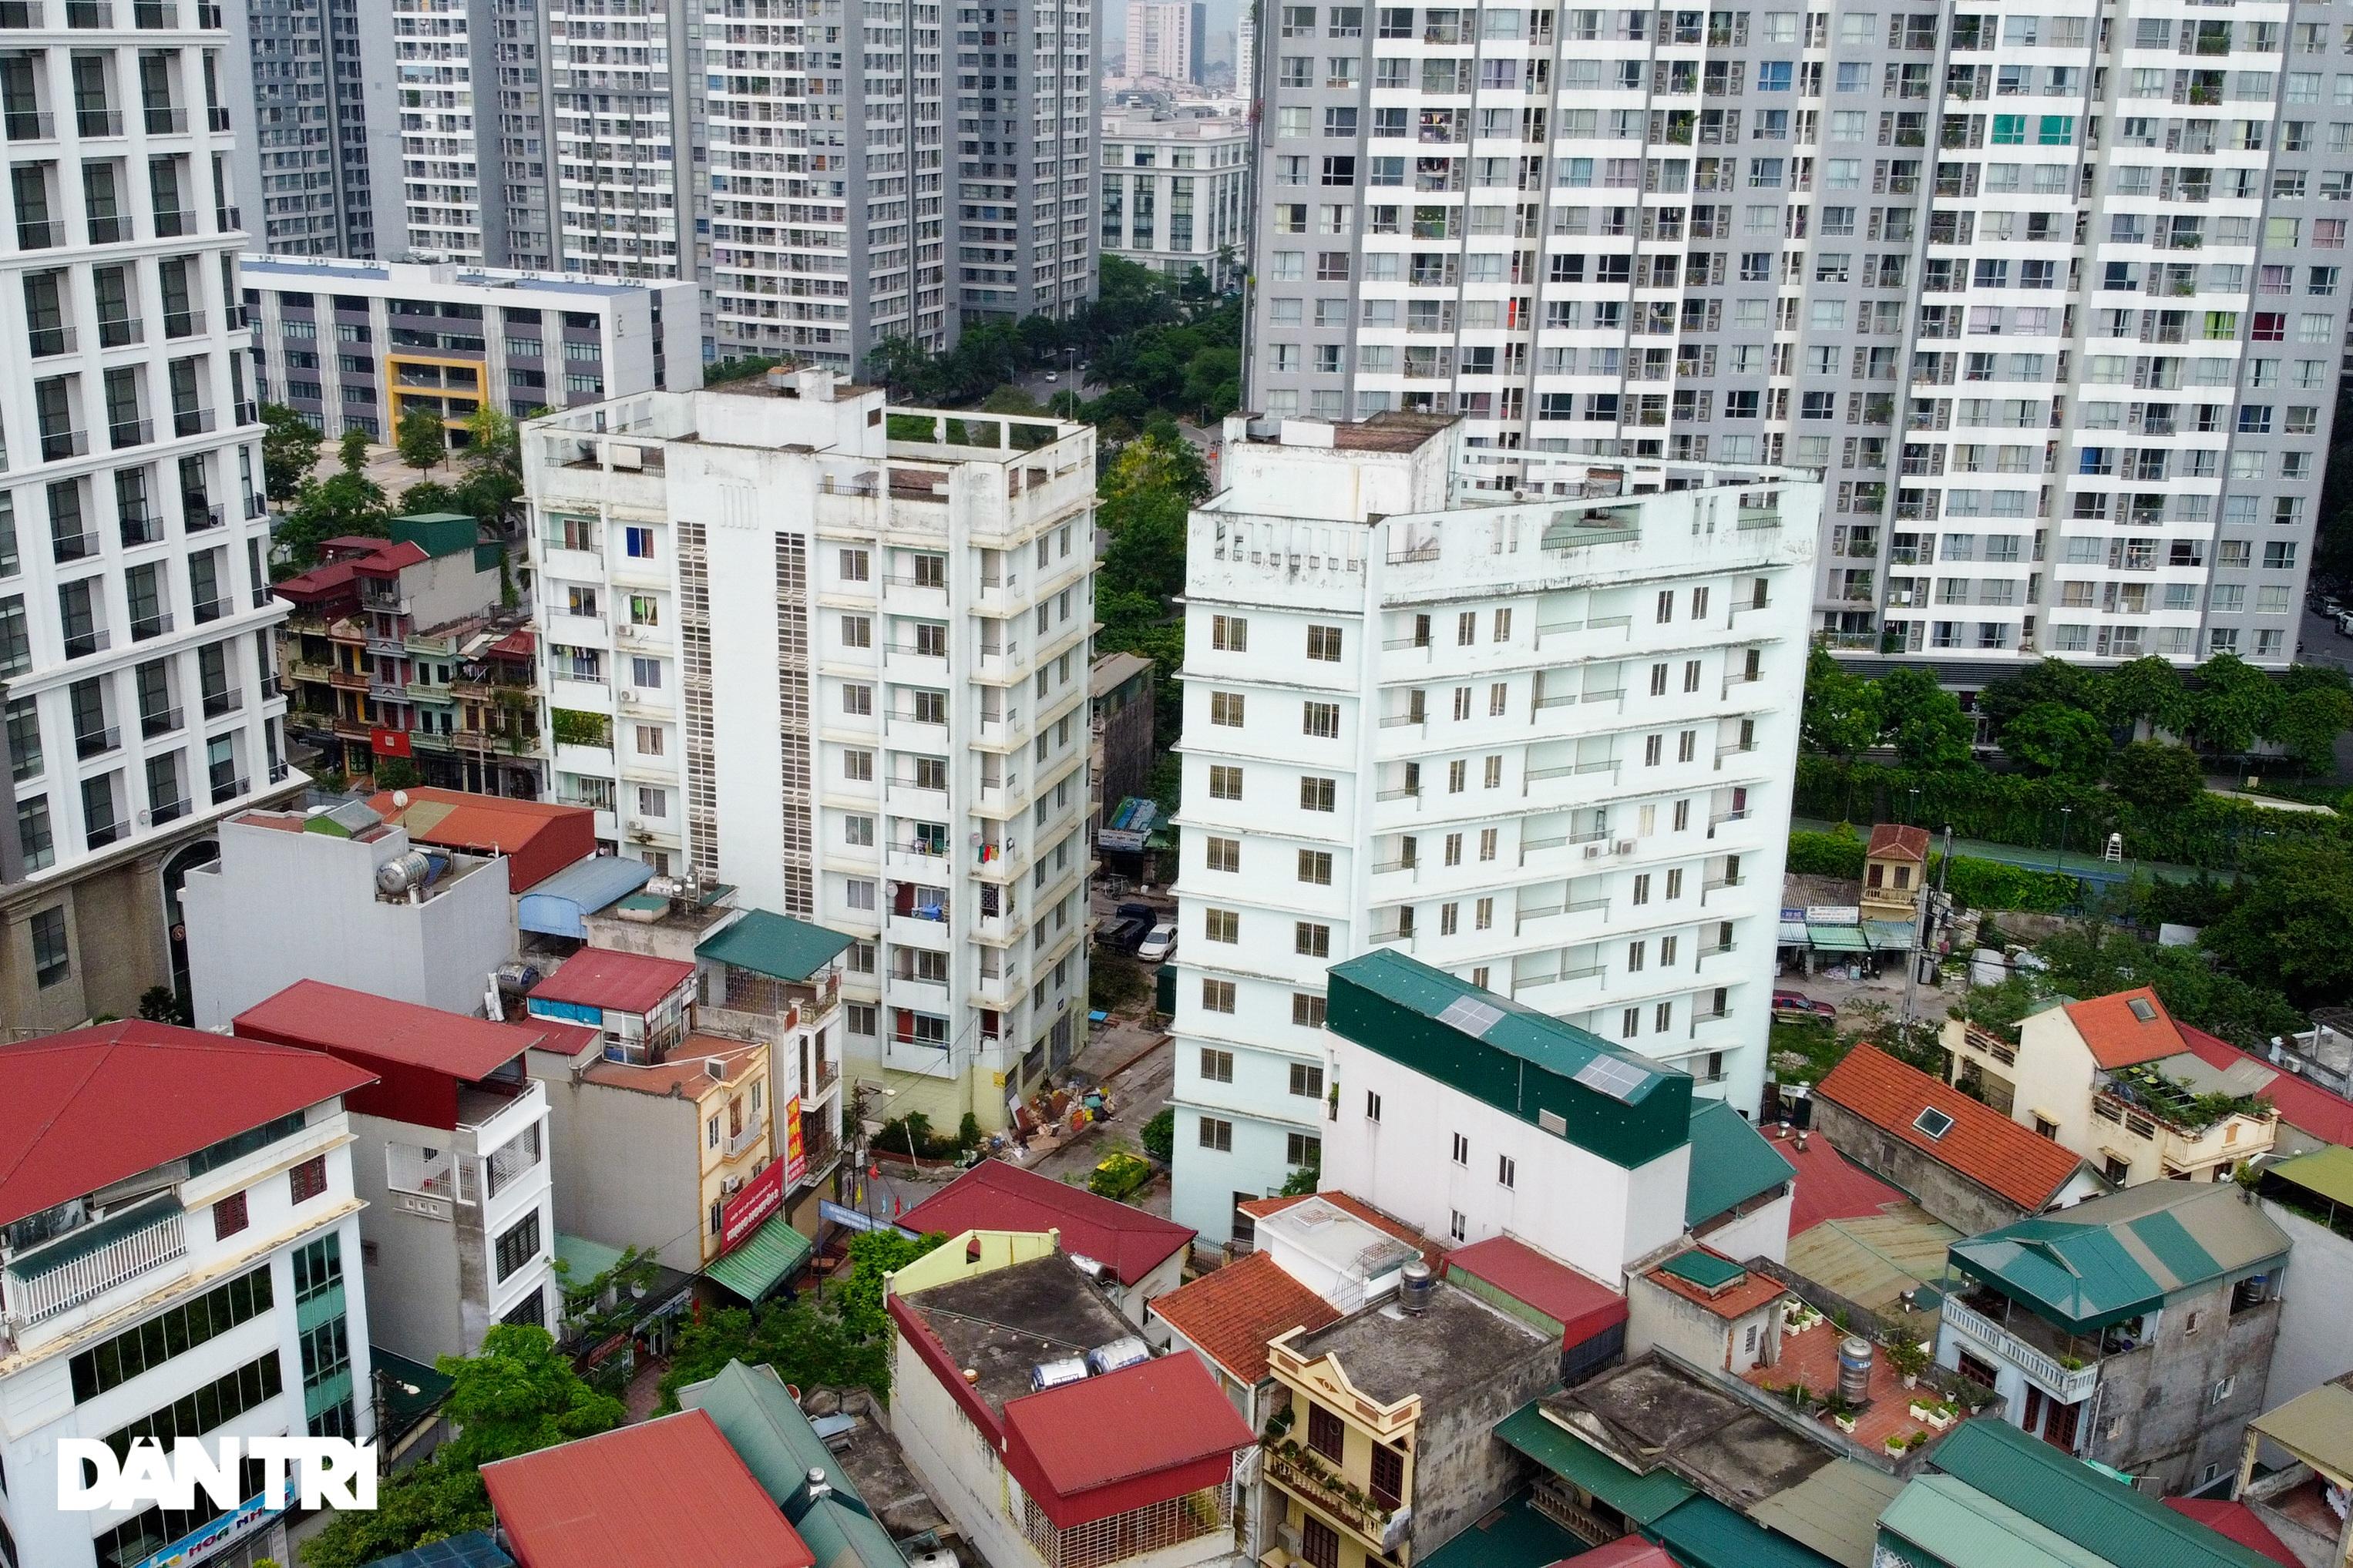 Xót xa hàng loạt khu chung cư cao tầng ở Hà Nội bị bỏ hoang nhiều năm - 14